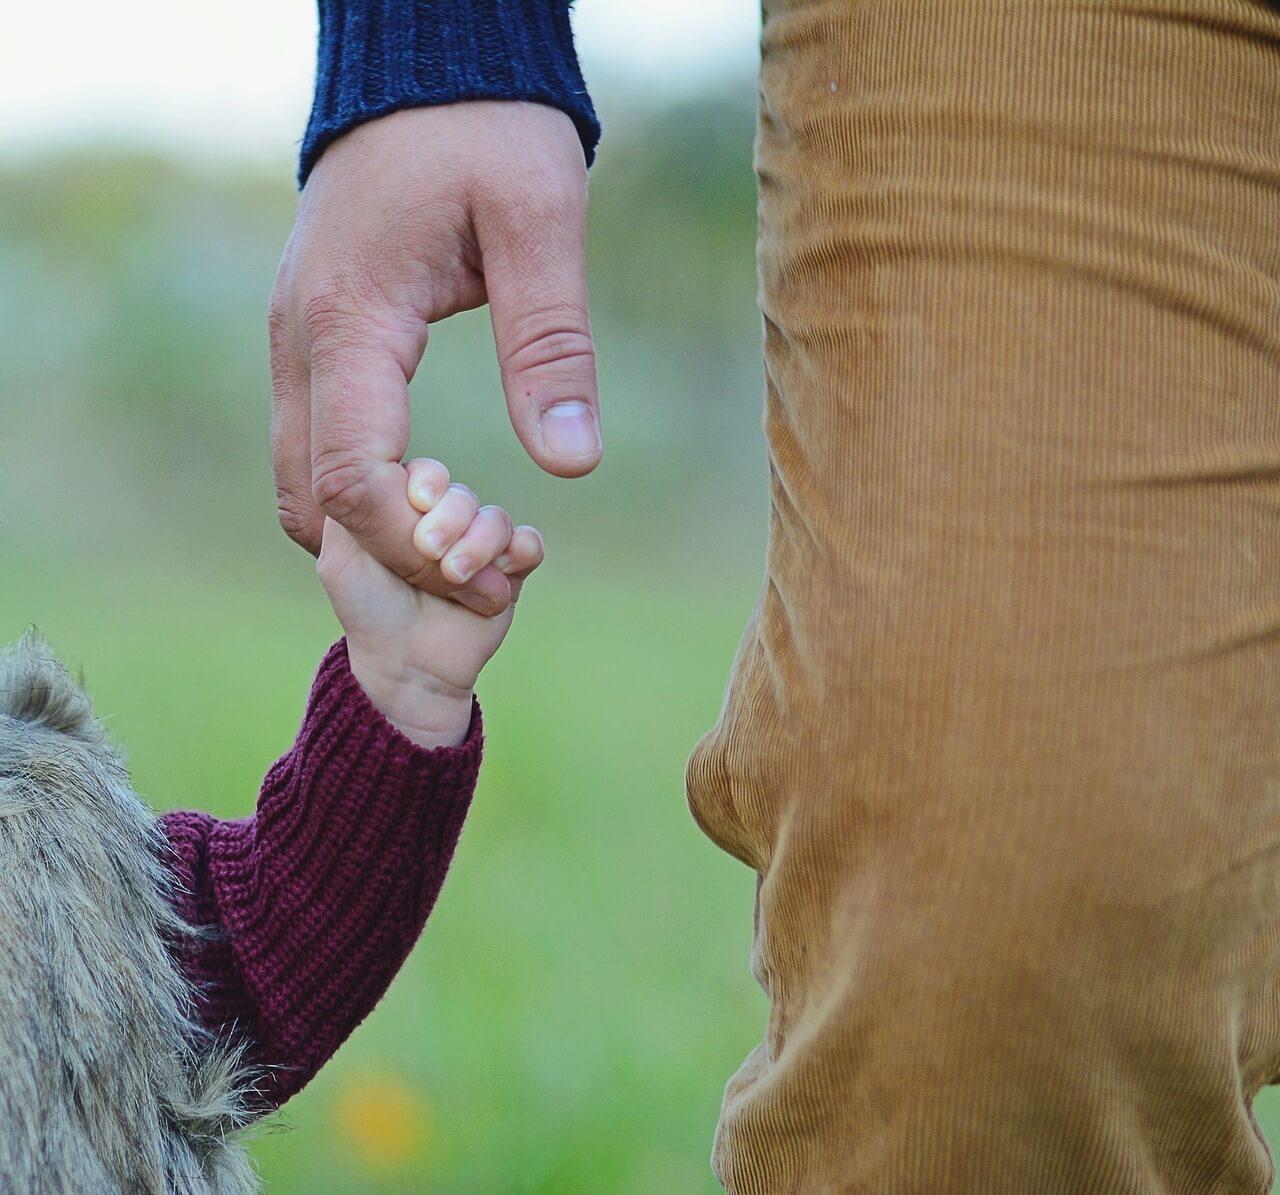 Investigação de paternidade: como fazer um teste de DNA confiável e sigiloso?